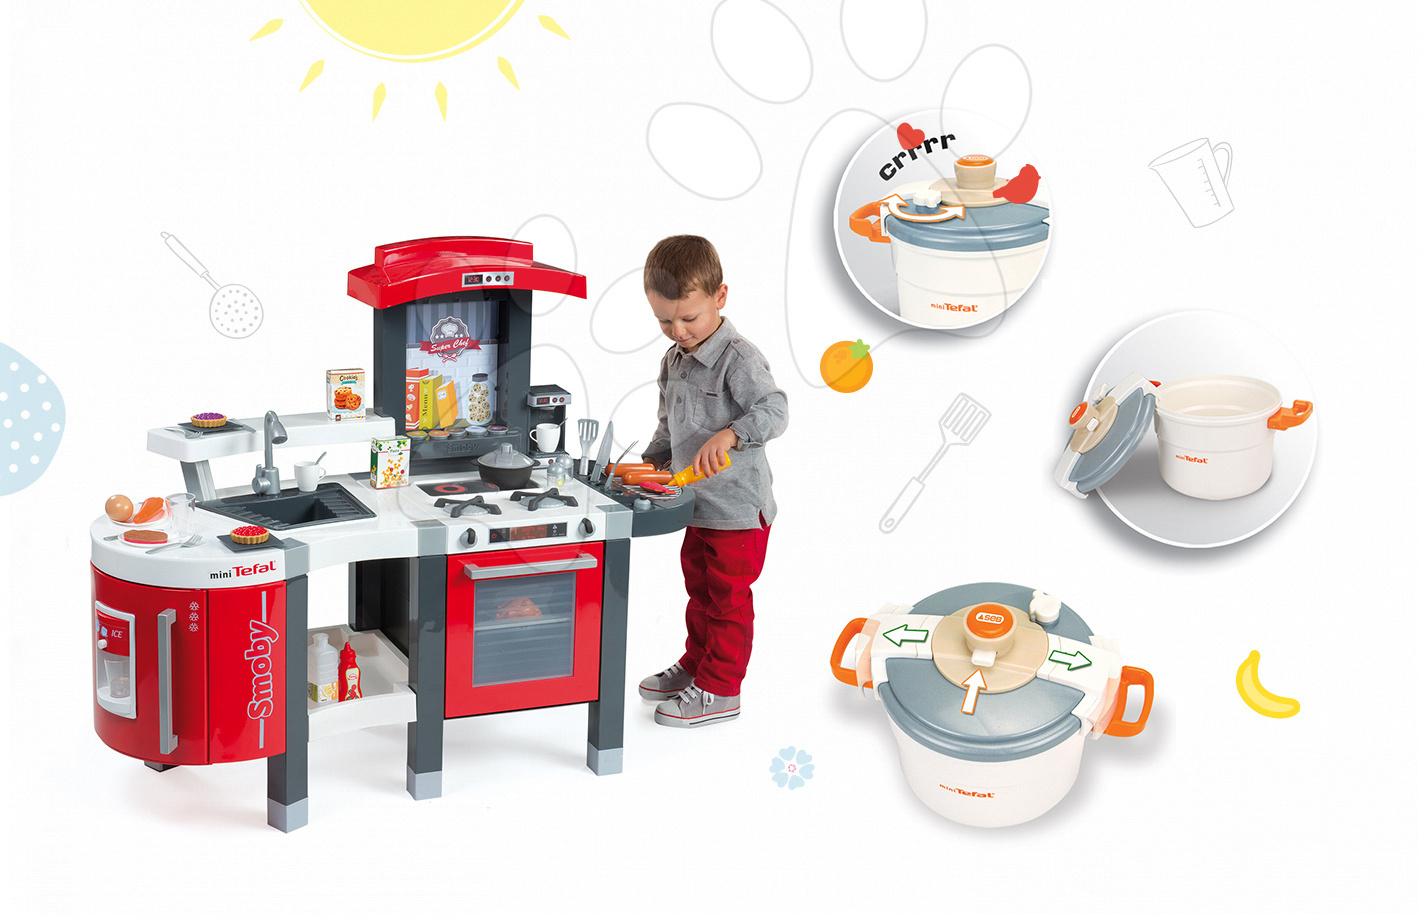 Set dětská kuchyňka Tefal SuperChef Smoby s grilem a kávovarem a tlakový hrnec Tefal